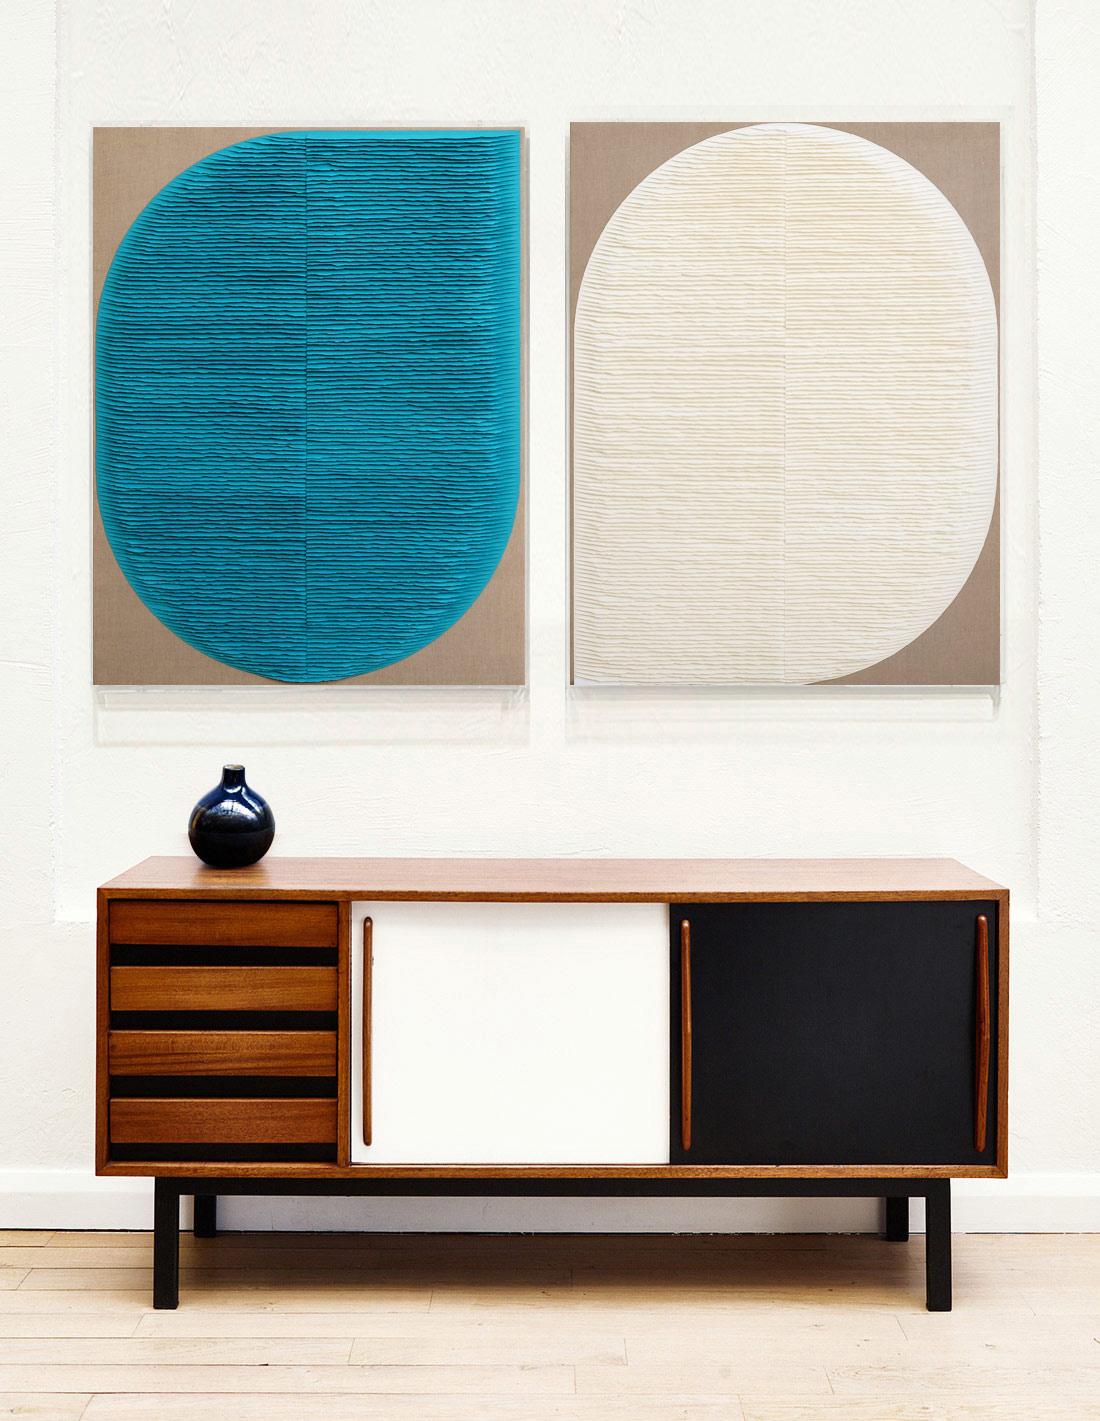 Deux-formes-turquoise-et-blanche-insitu